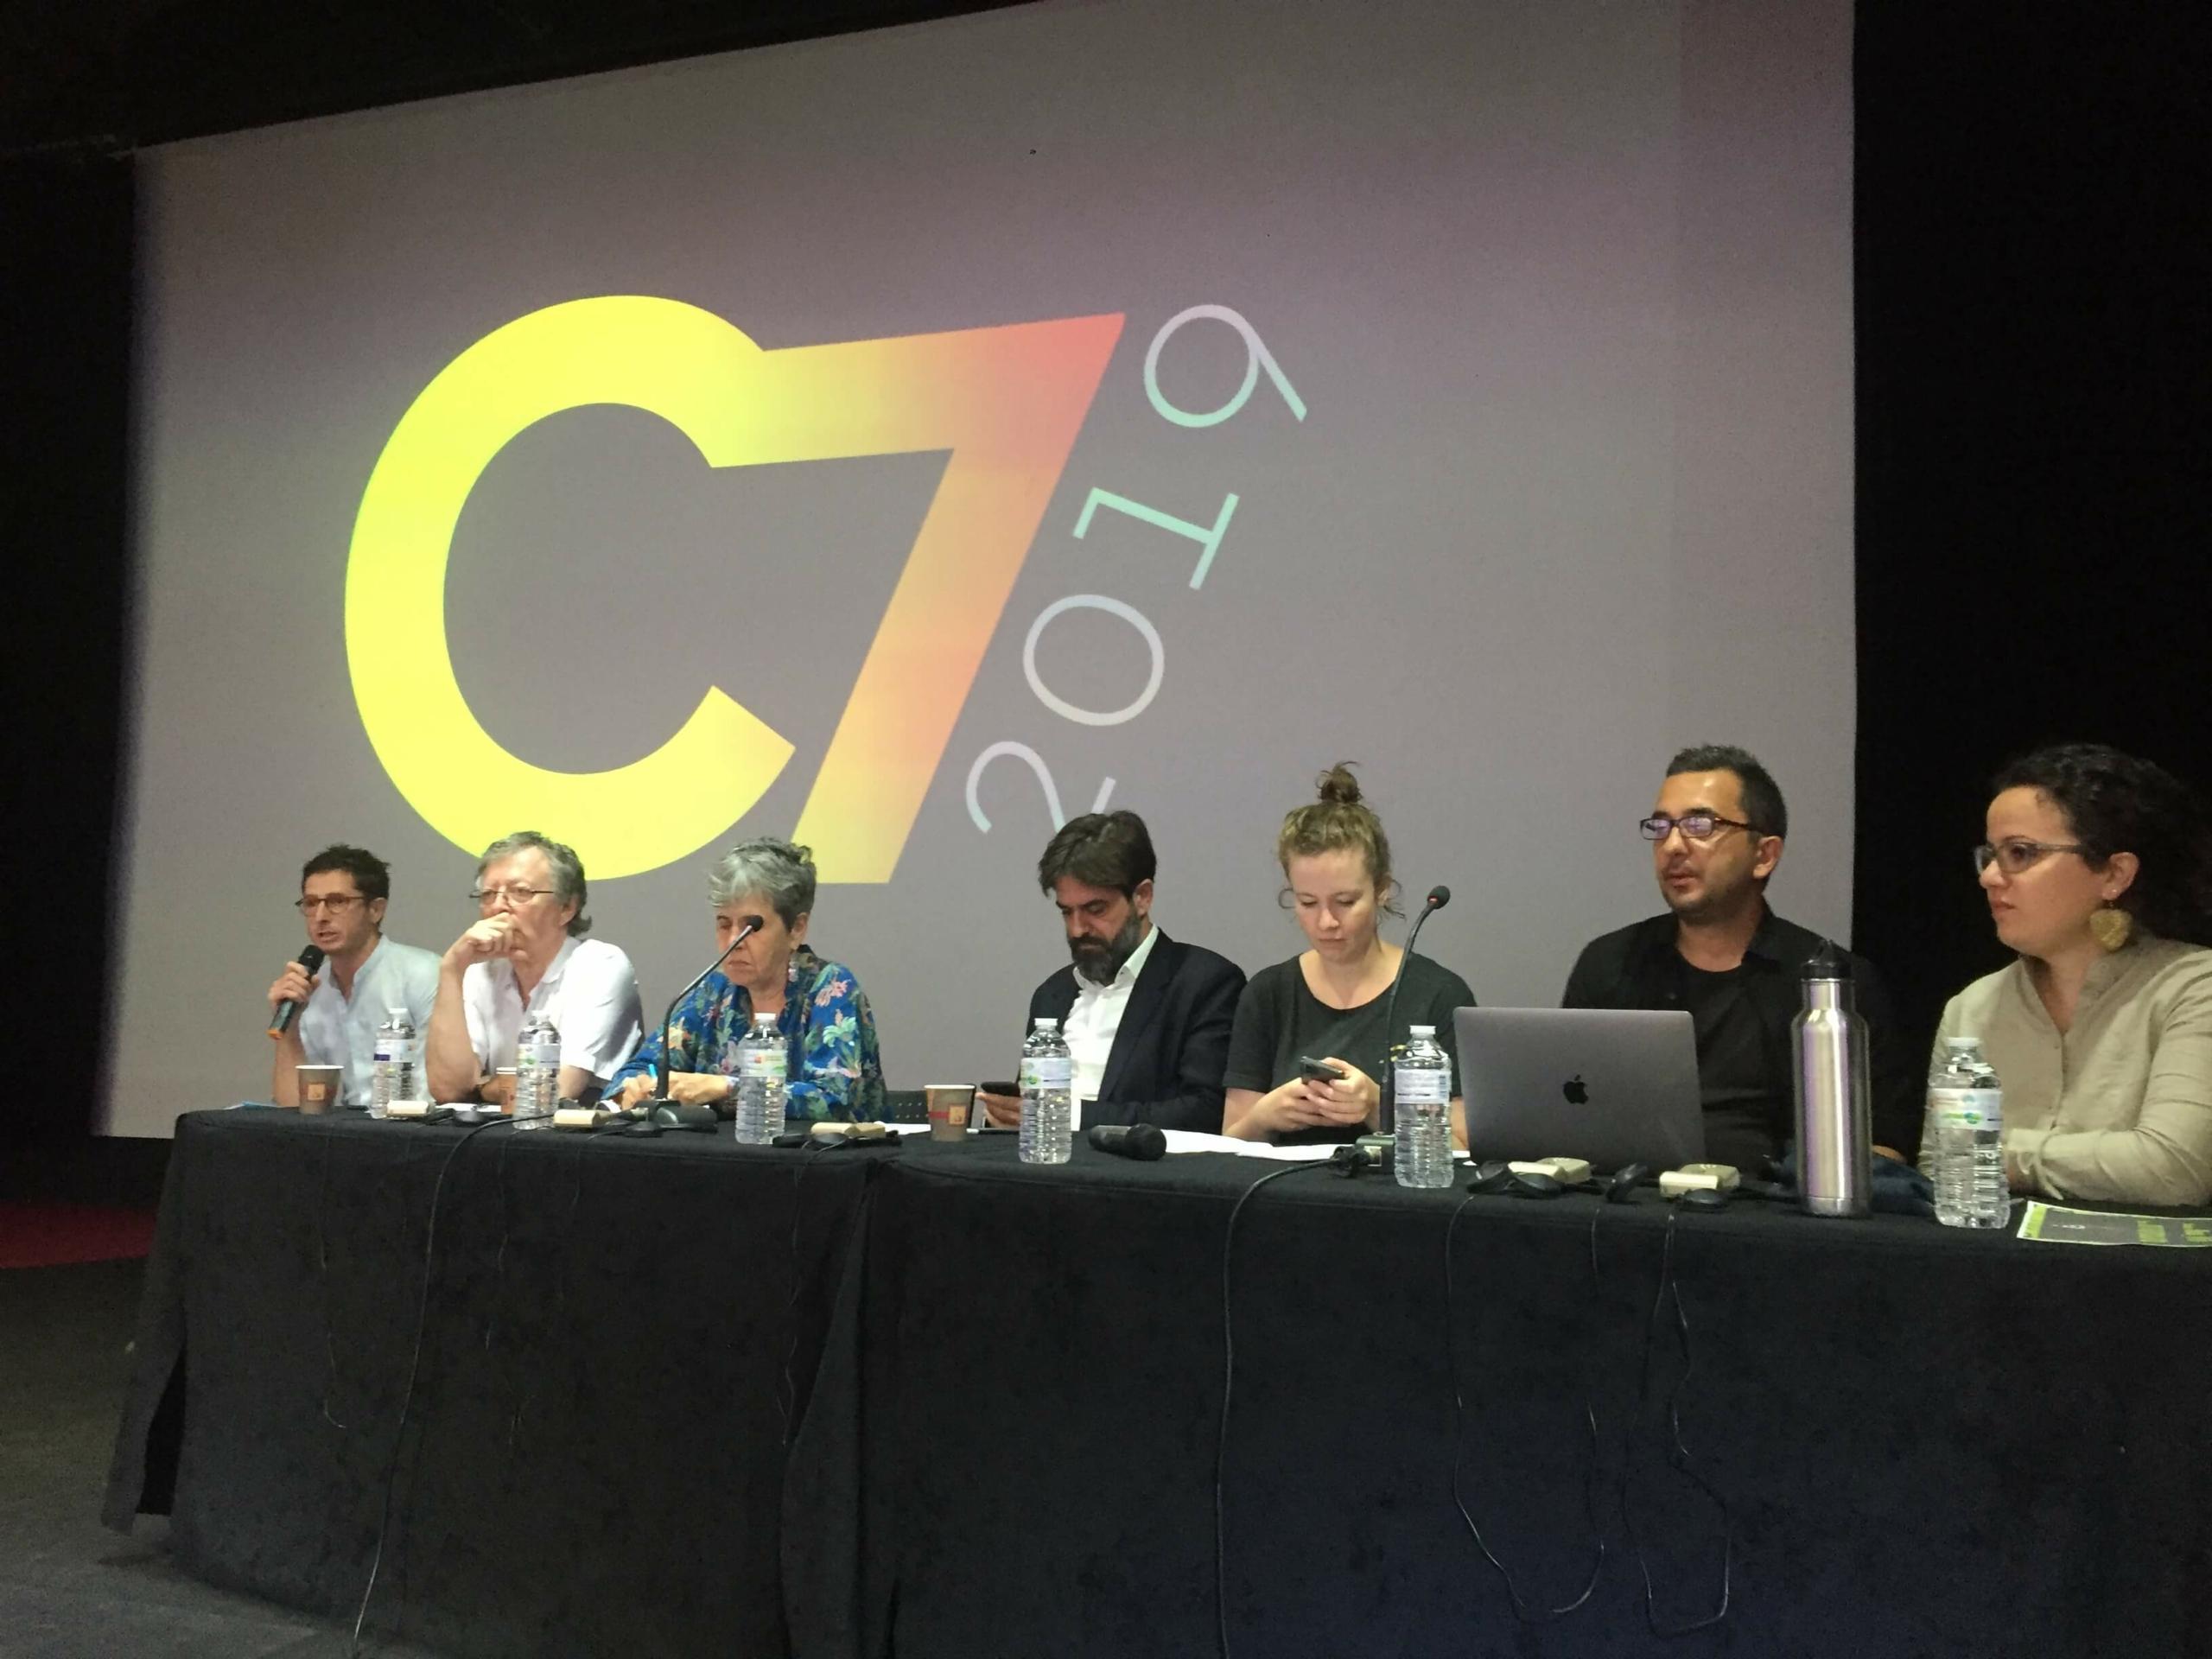 Journée inter-associative du C7